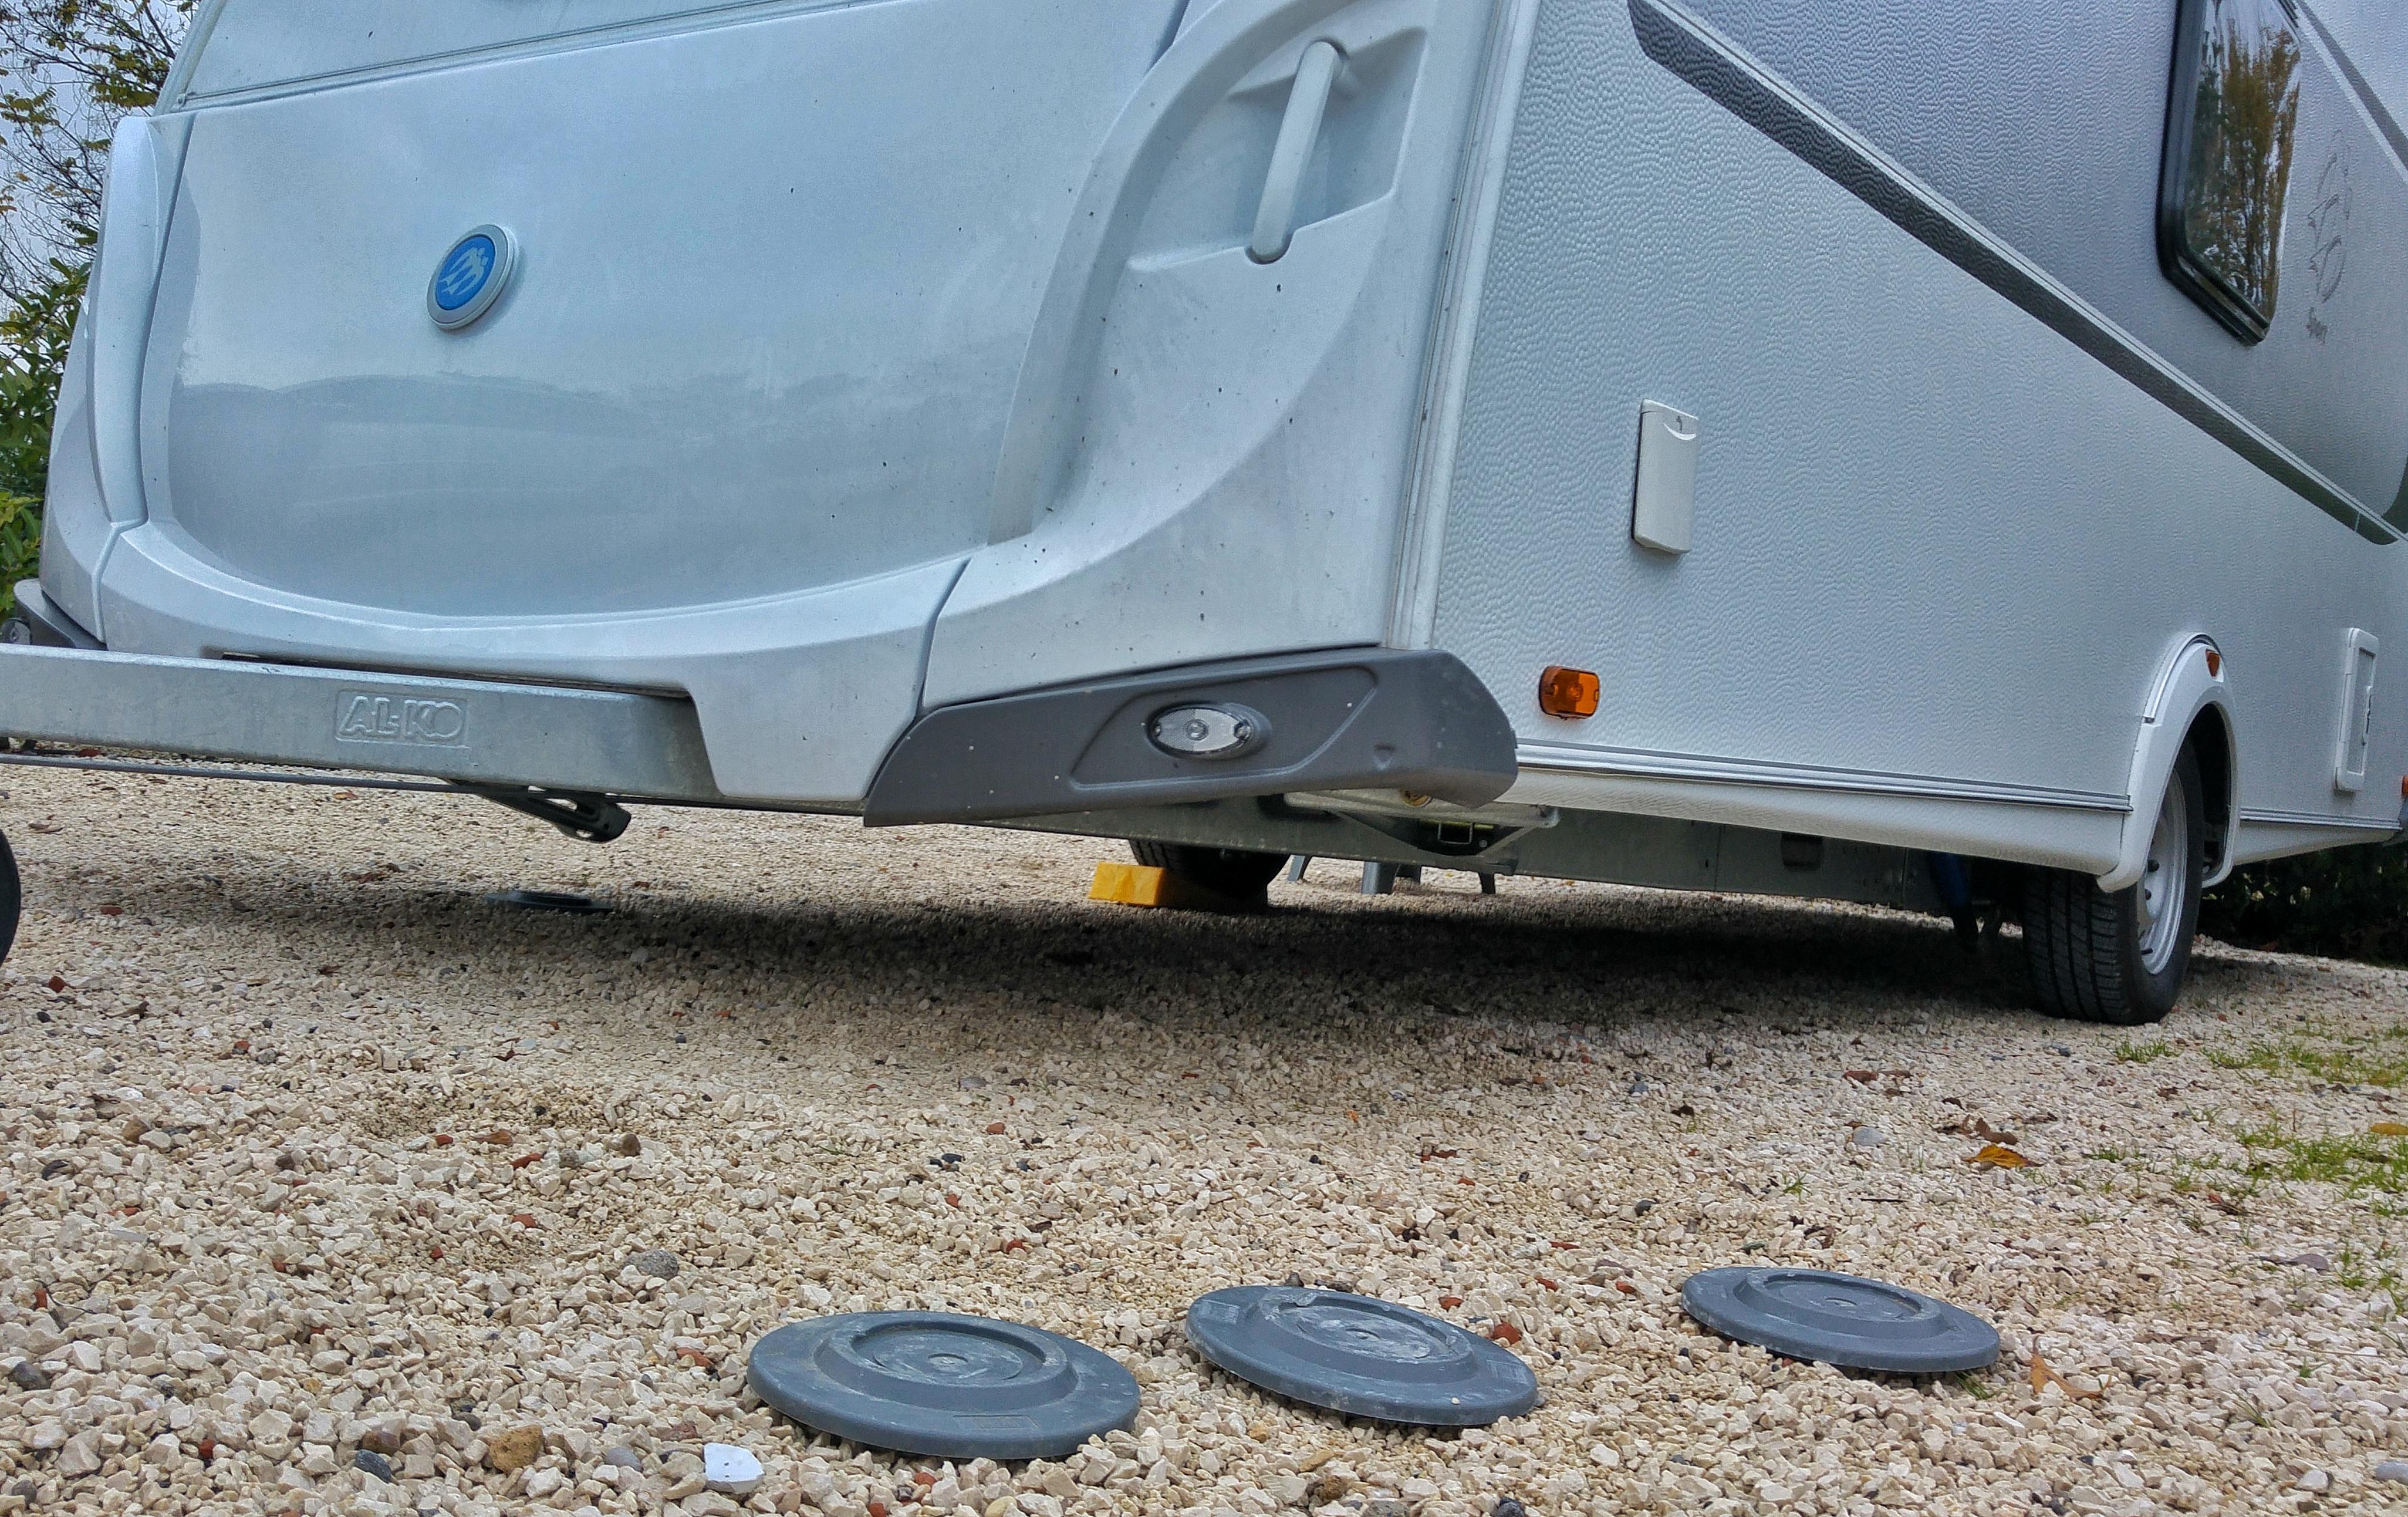 Piazzola roulotte: come posizionare la caravan